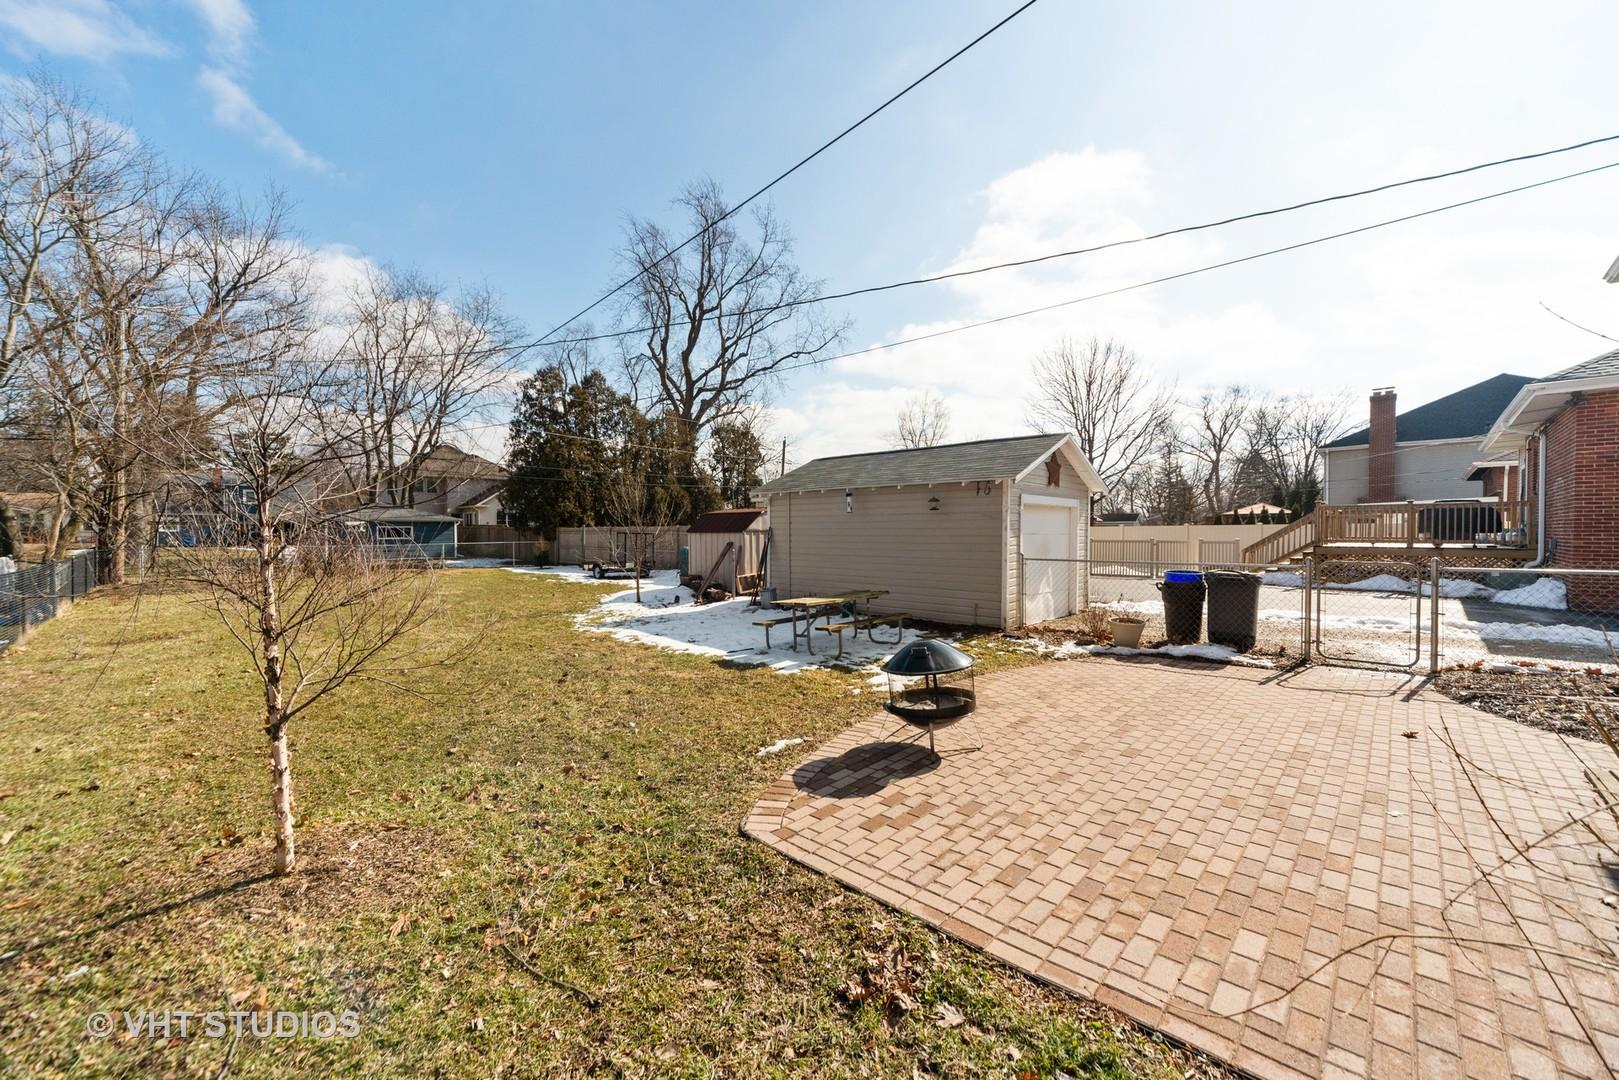 637 South Illinois, Villa Park, Illinois, 60181